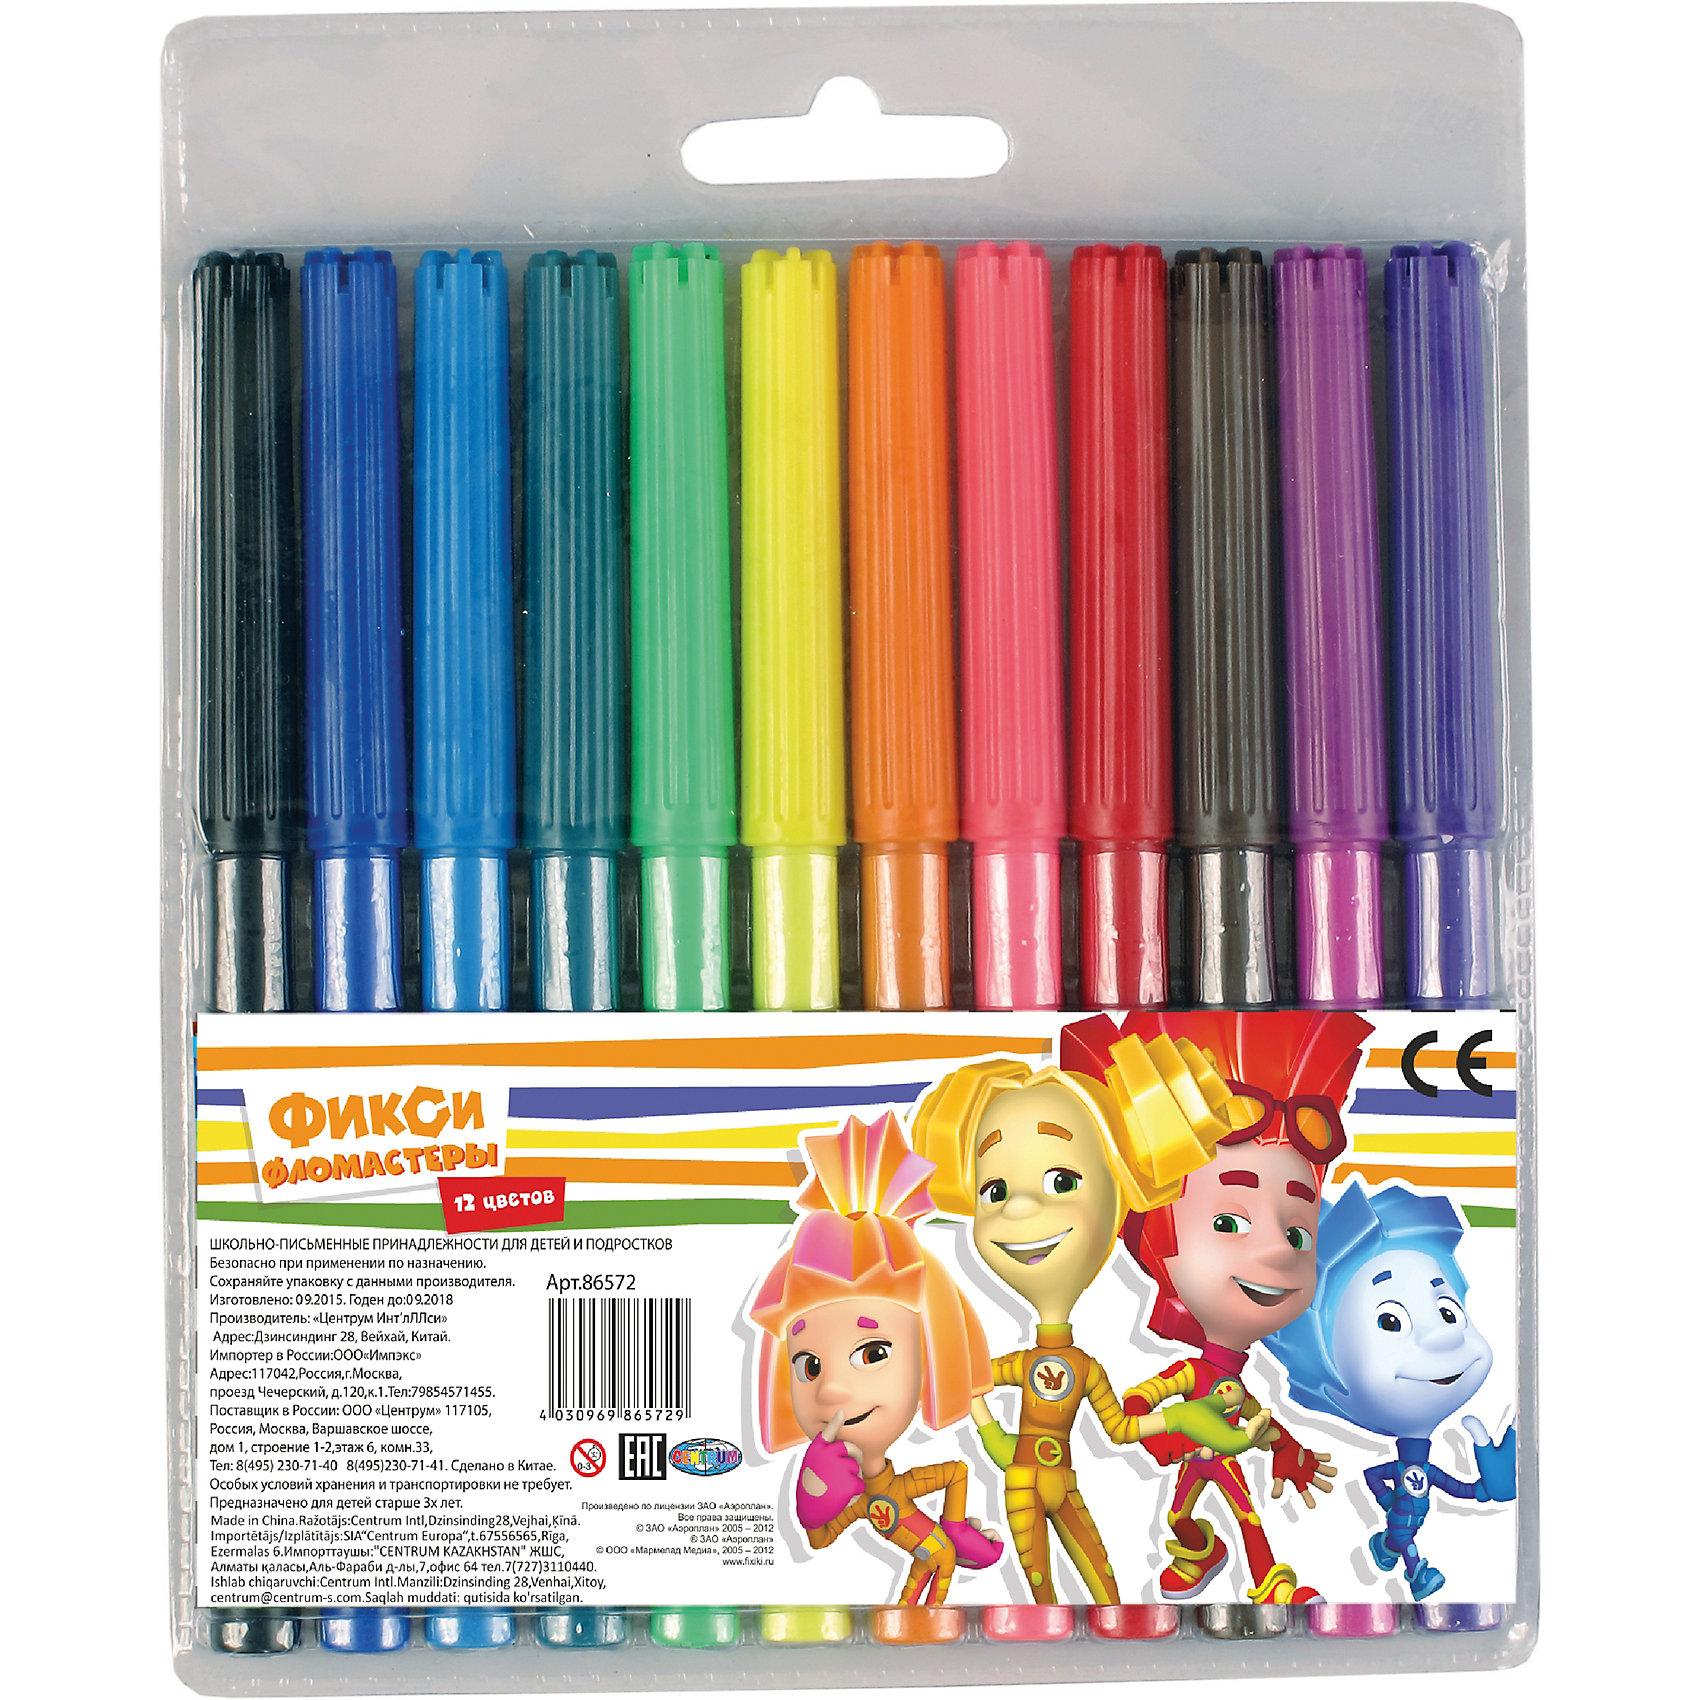 Фломастеры Фиксики 12 цветовРисование<br>Фломастеры Фиксики 12 цветов, Centrum (Центрум)<br><br>Характеристики:<br><br>• яркие цвета<br>• вентилируемый колпачок<br>• в комплекте: фломастеры 12 цветов<br>• размер упаковки: 16х13,5 см<br><br>Яркие фломастеры, несомненно, необходимы каждому маленькому художнику. Набор Фиксики состоит из 12-и фломастеров. Каждый имеет яркий цвет, прочный закругленный стержень и вентилируемый колпачок, который позволит избежать высыхания. Упаковка украшена изображением героев мультфильма Фиксики, которые вдохновят ребенка на создание новых шедевров.<br><br>Фломастеры Фиксики 12 цветов, Centrum (Центрум) вы можете купить в нашем интернет-магазине.<br><br>Ширина мм: 10<br>Глубина мм: 125<br>Высота мм: 155<br>Вес г: 65<br>Возраст от месяцев: 36<br>Возраст до месяцев: 120<br>Пол: Унисекс<br>Возраст: Детский<br>SKU: 5175365